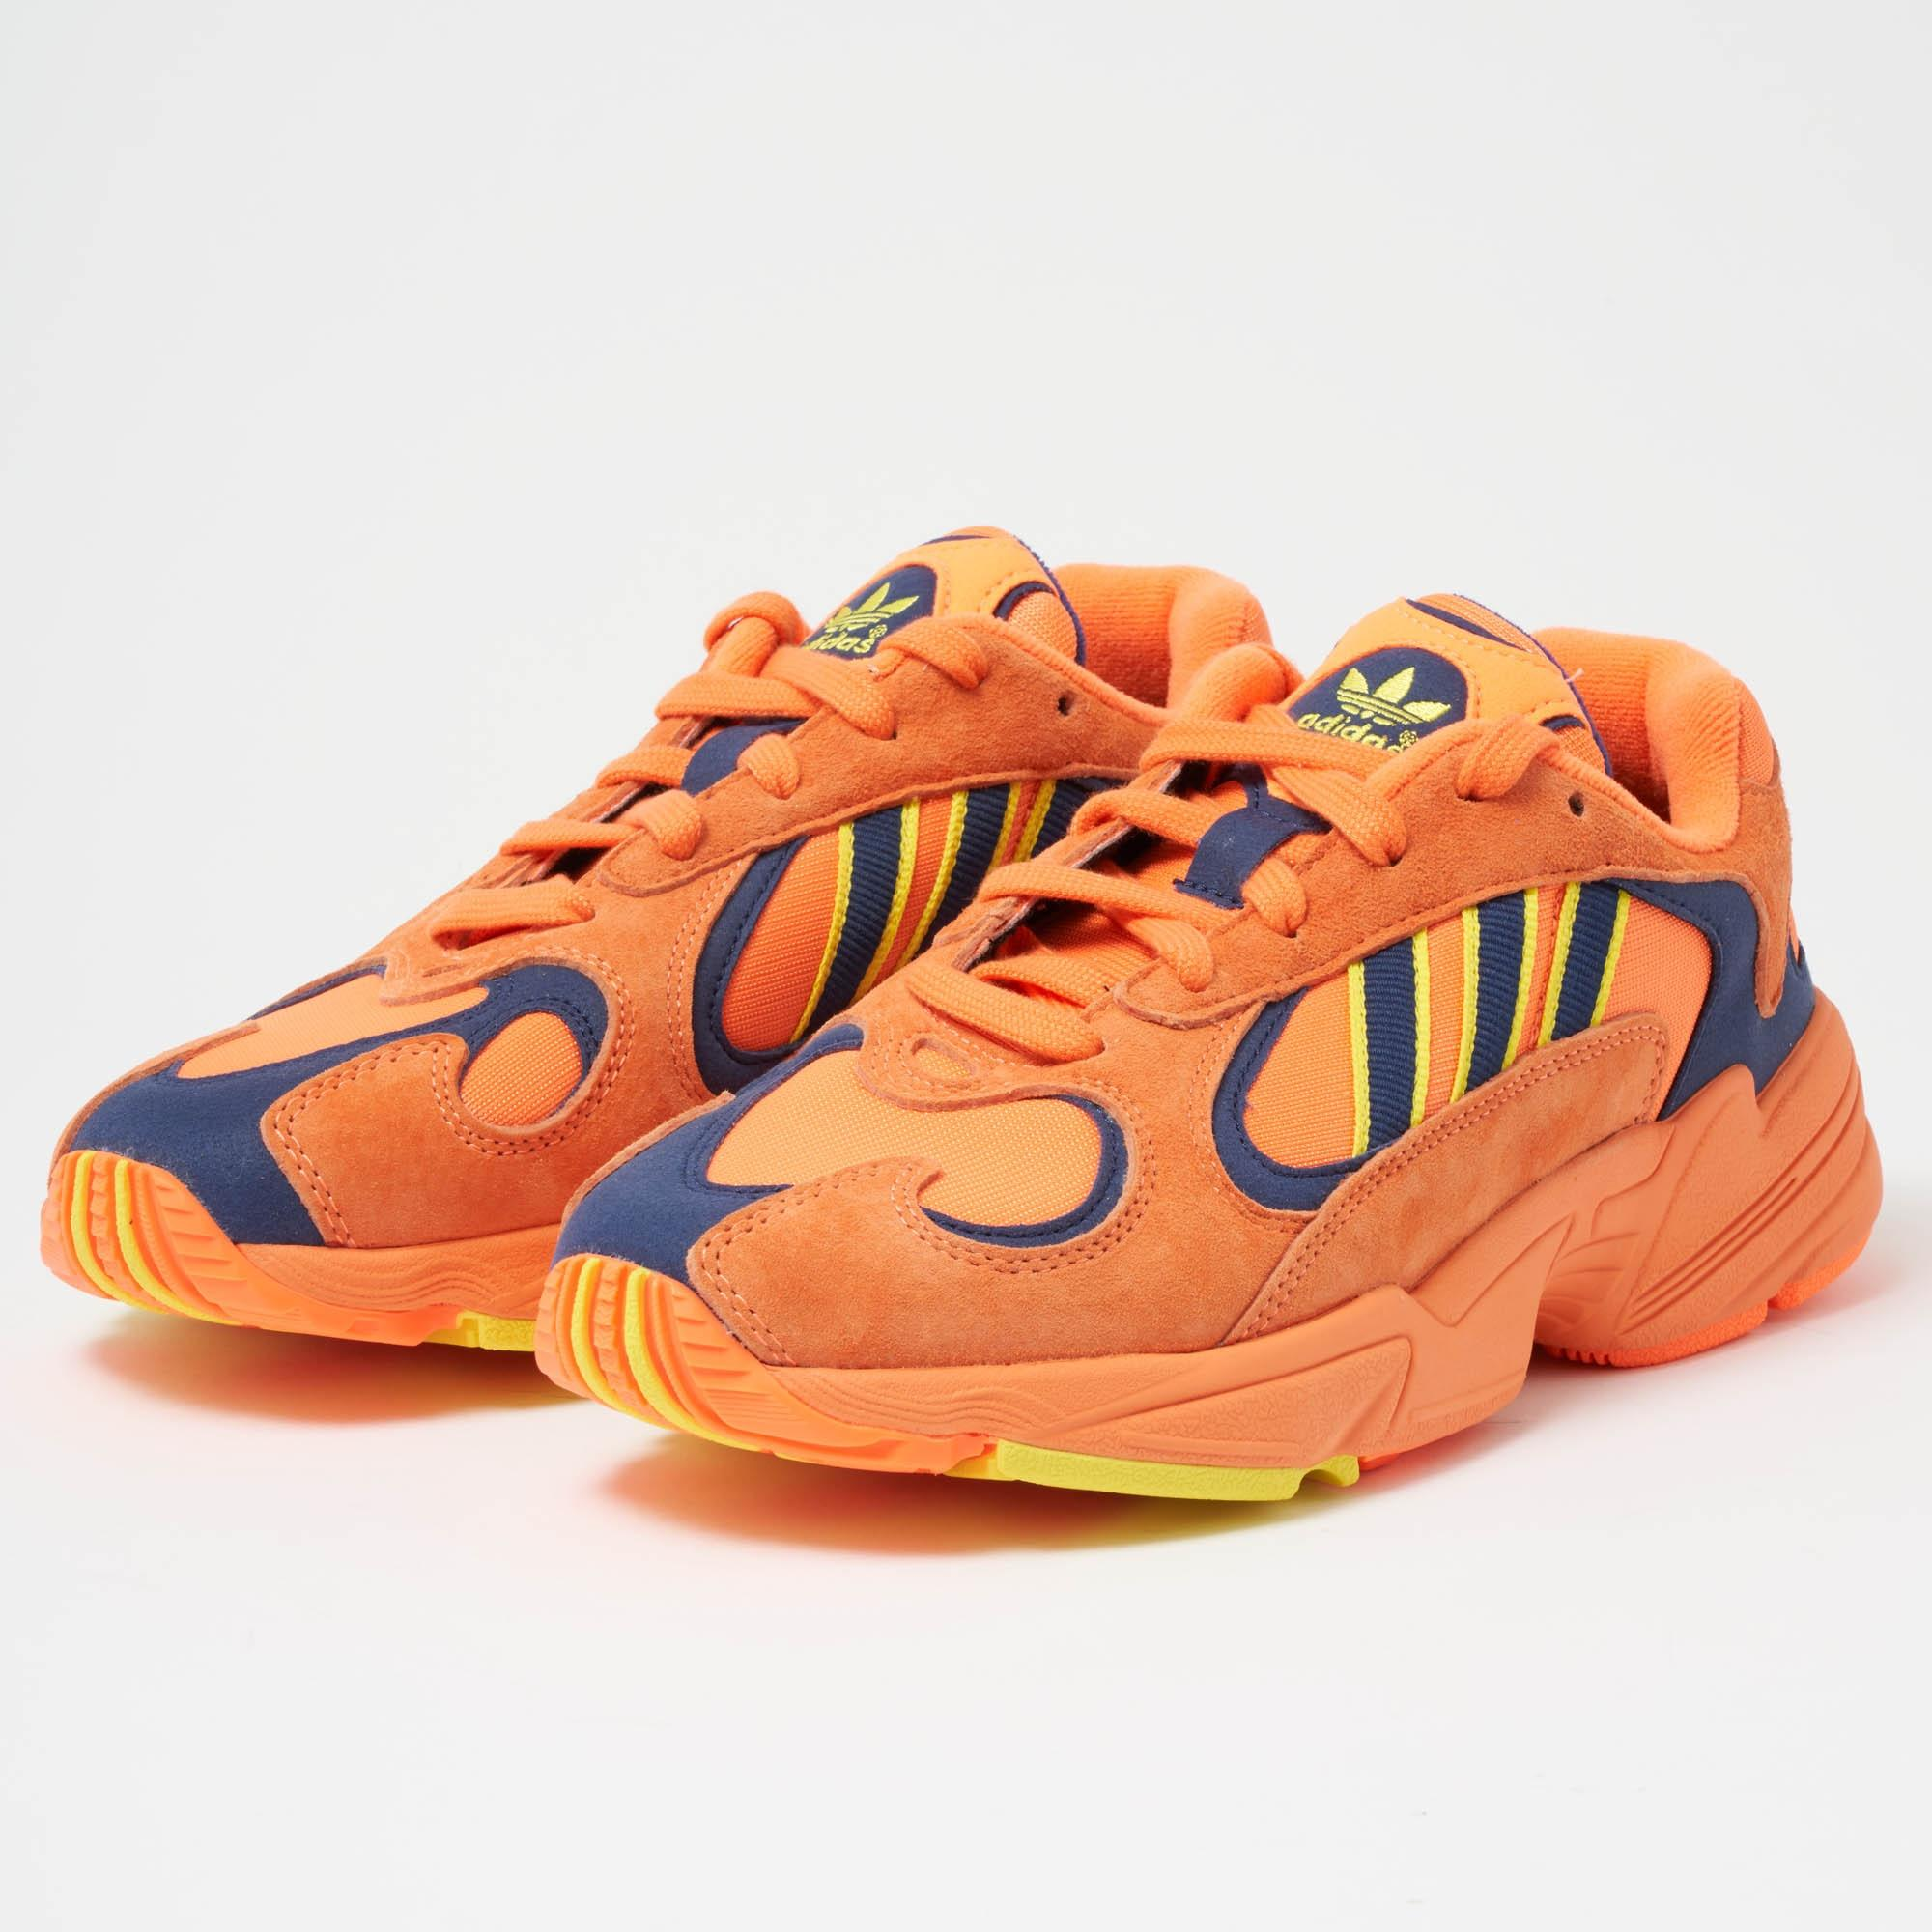 810c22d3df5 Lyst - adidas Originals Yung-1 - Hi-res Orange   Shock Yellow in ...